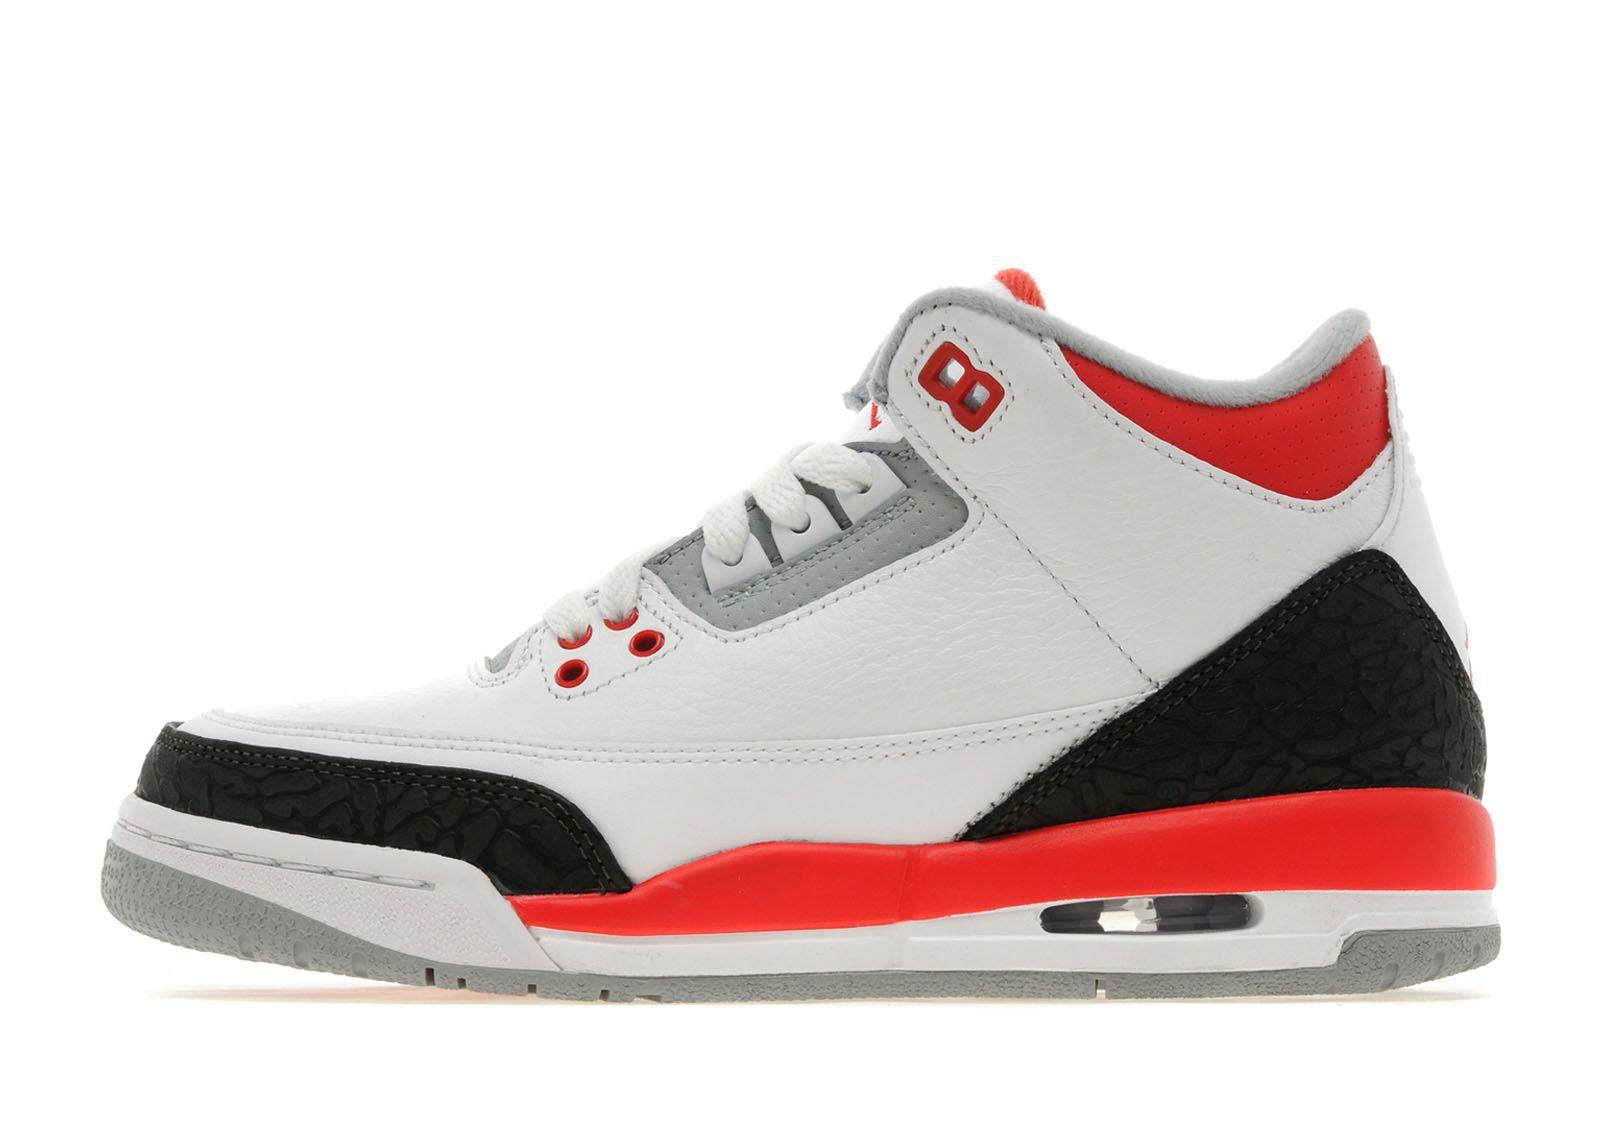 Jordan III 'Fire Red' Junior